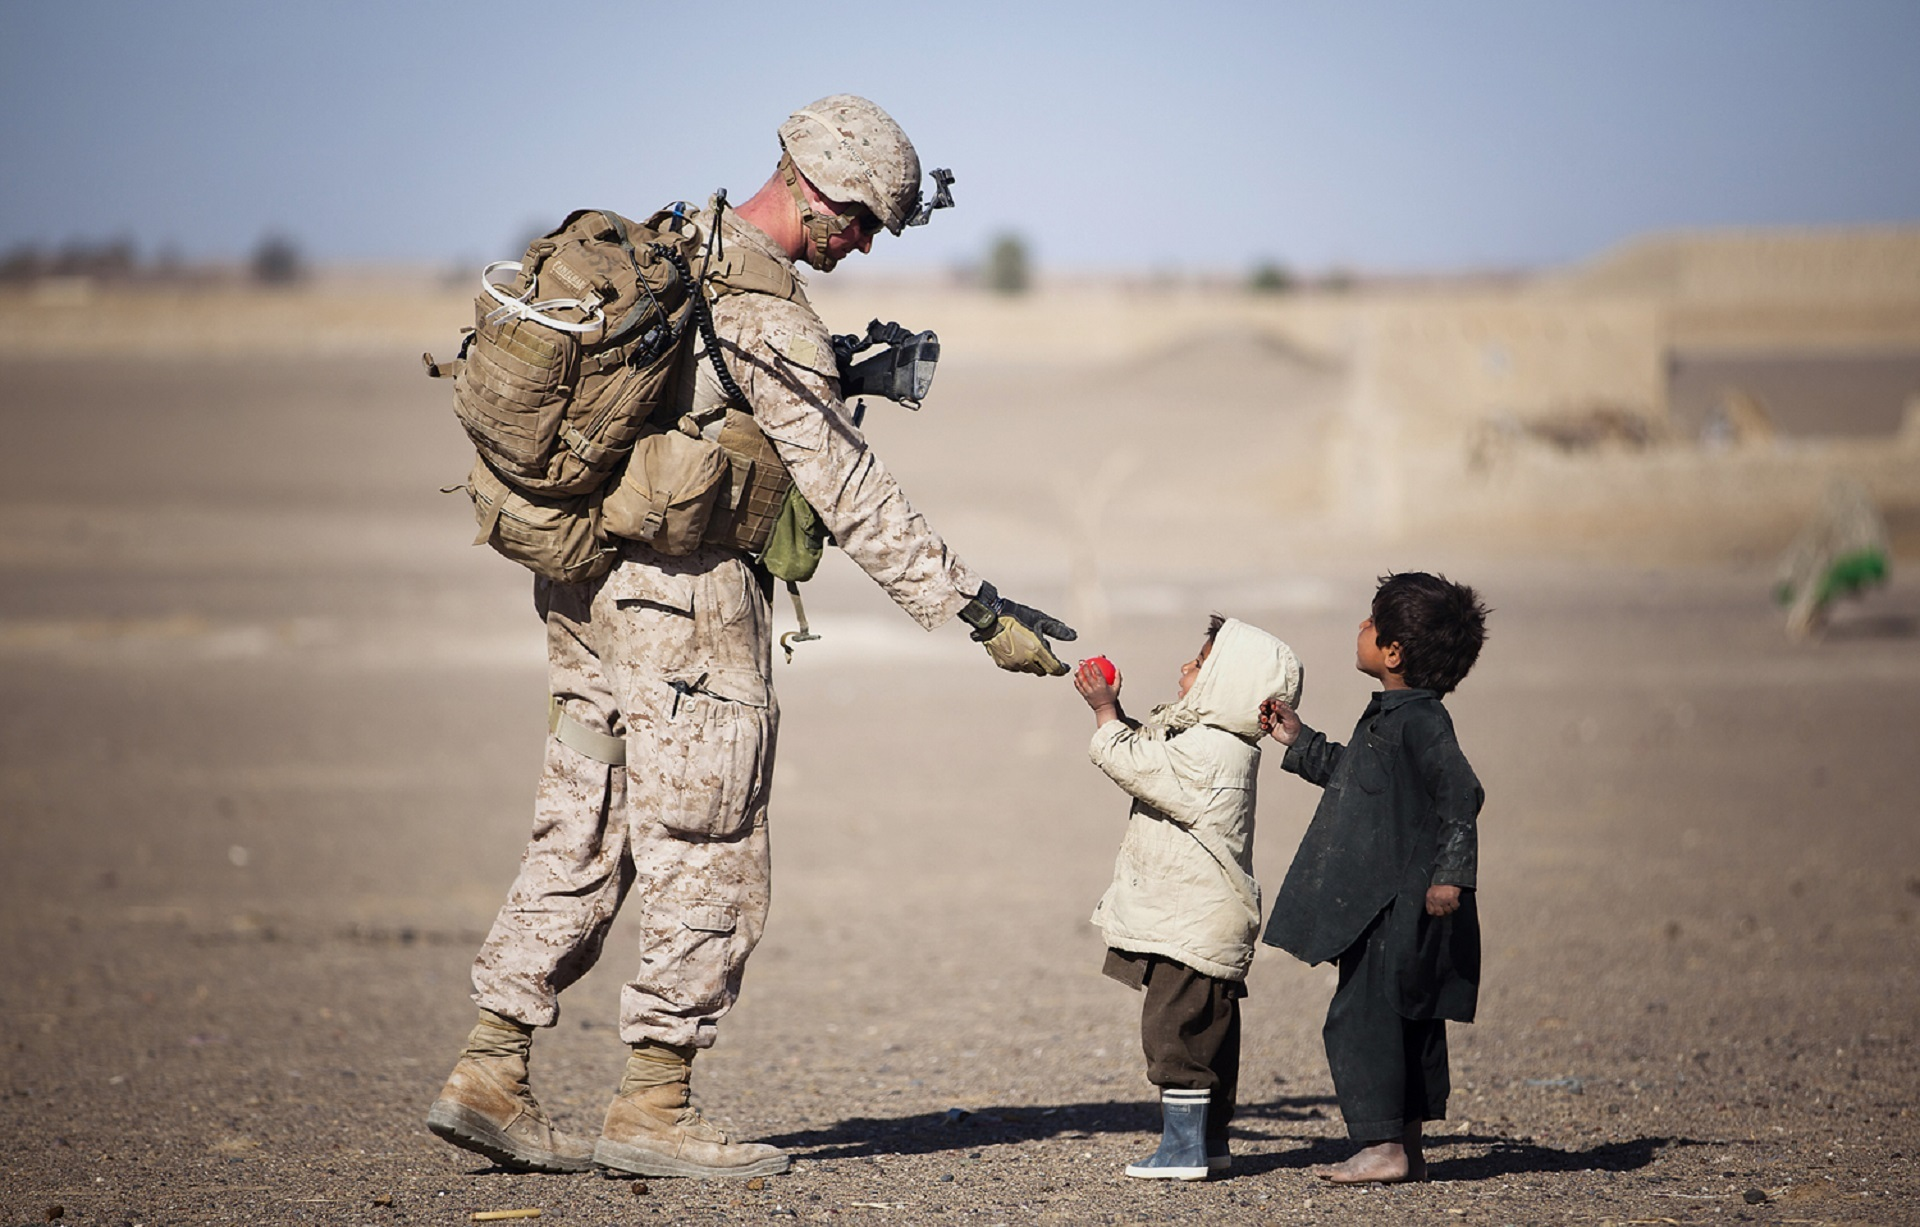 Un soldato dona qualcosa a dei bambini. Questa è una foto che induce alla pre-suasione, che ha molto a che fare con il content marketing